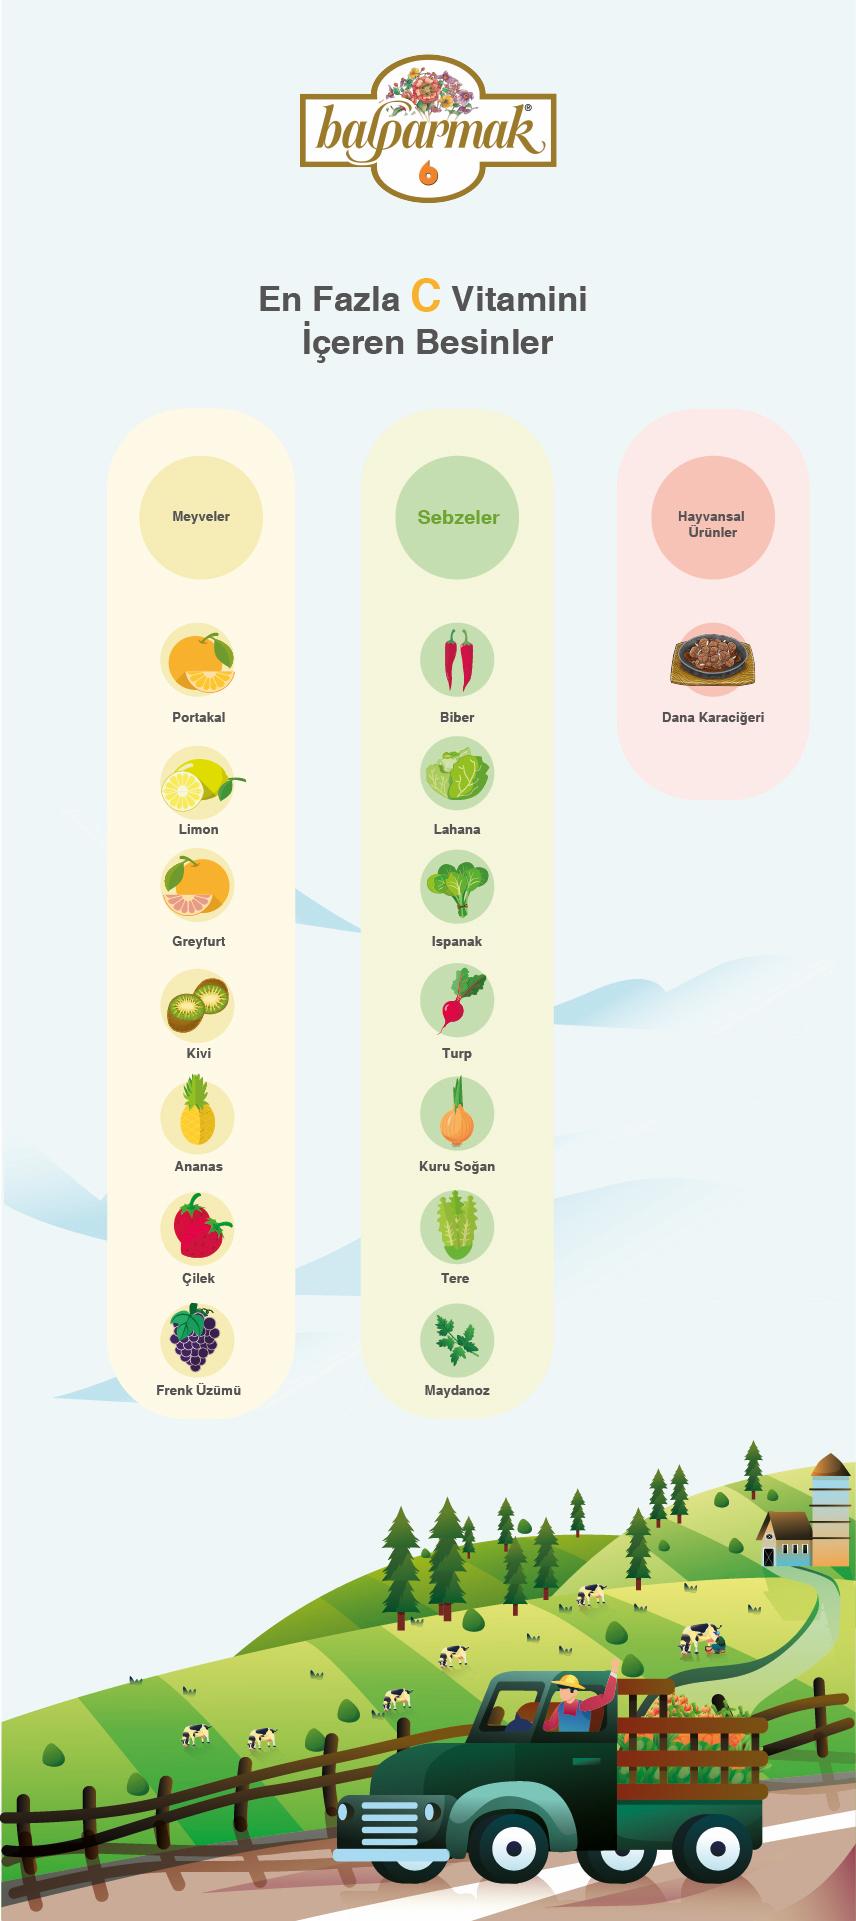 En fazla C vitamini içeren besinler